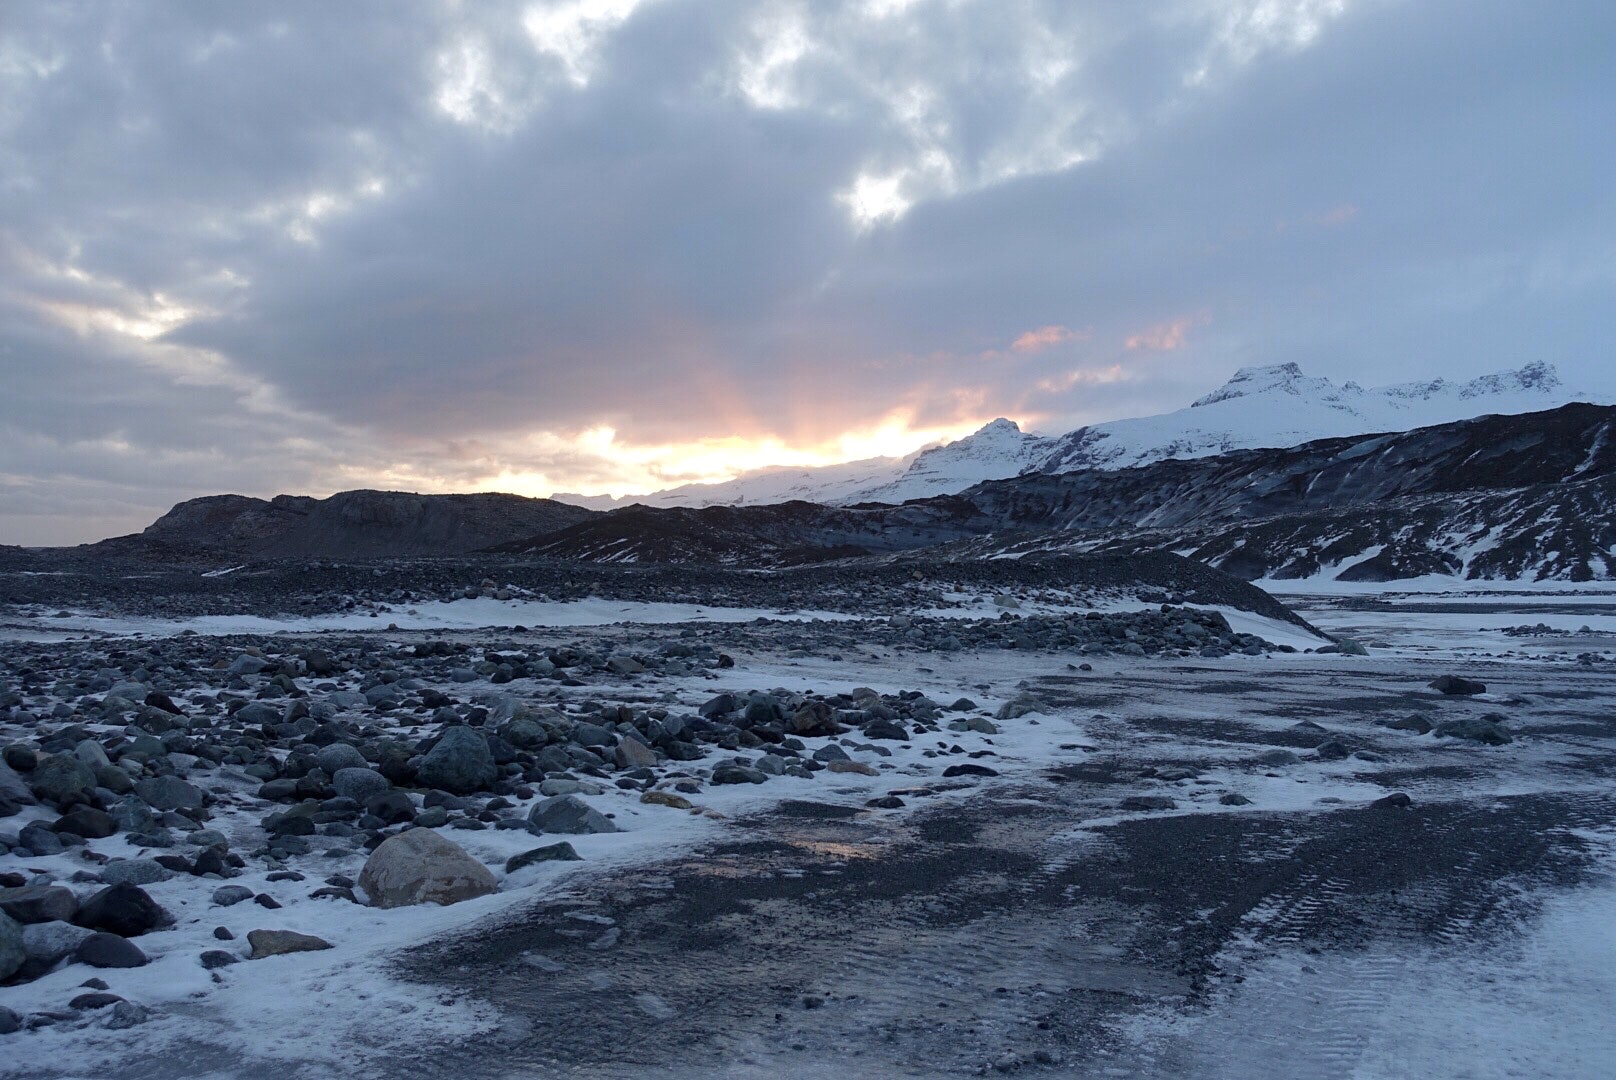 冰岛蓝冰洞周边风光